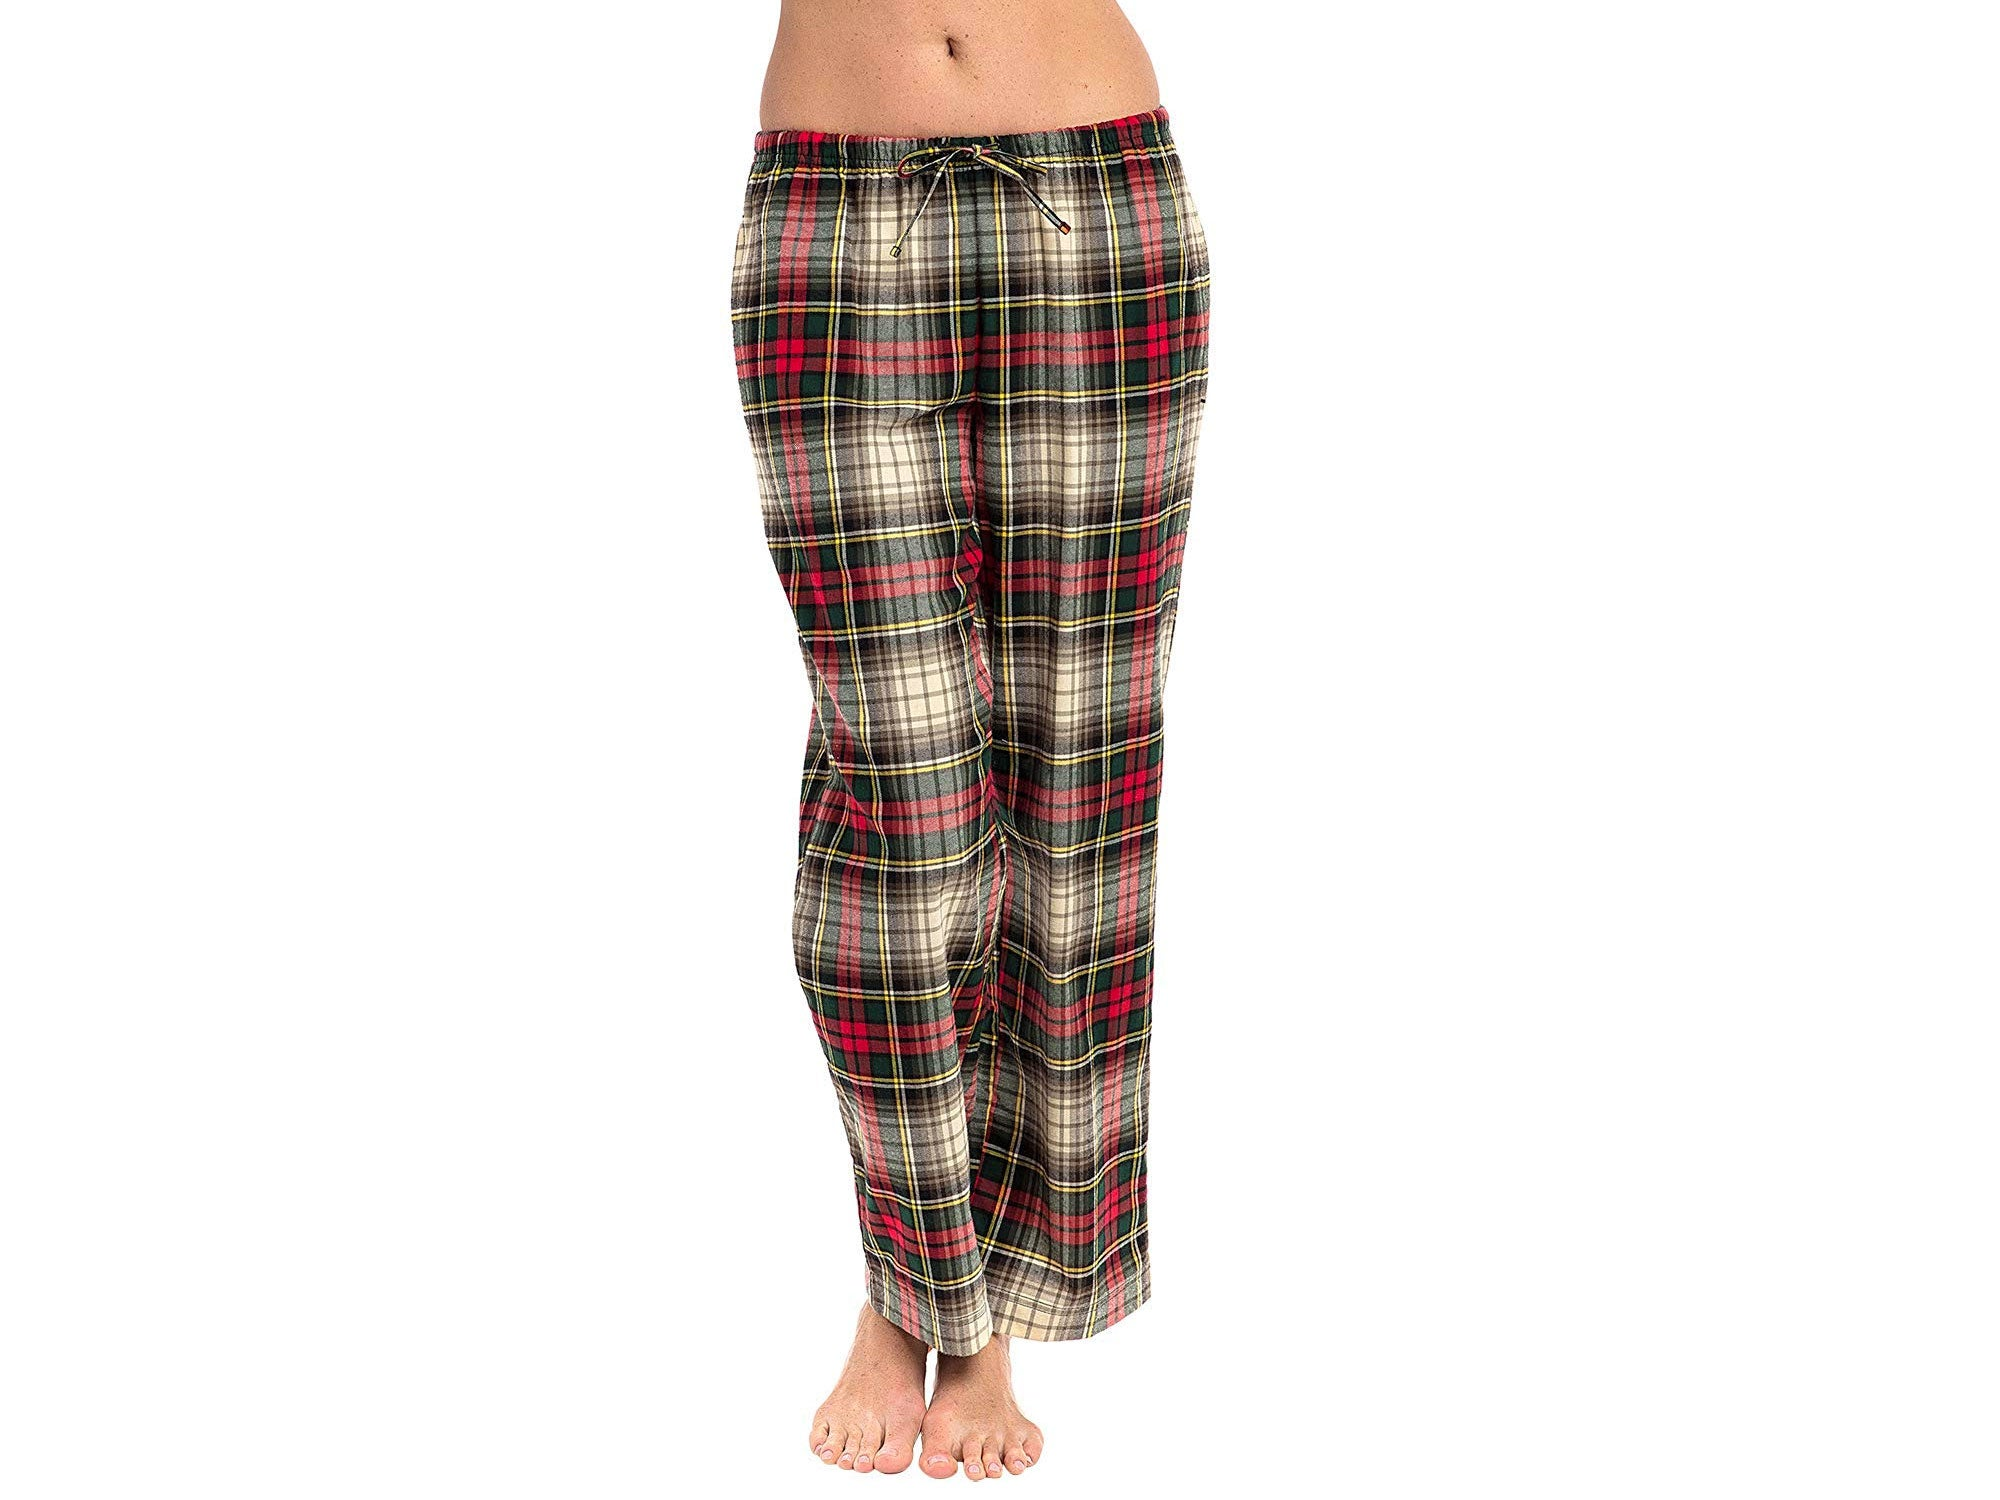 Alexander Del Rossa Women's Flannel Pajama Pants, Long Plaid Cotton Pj Bottoms